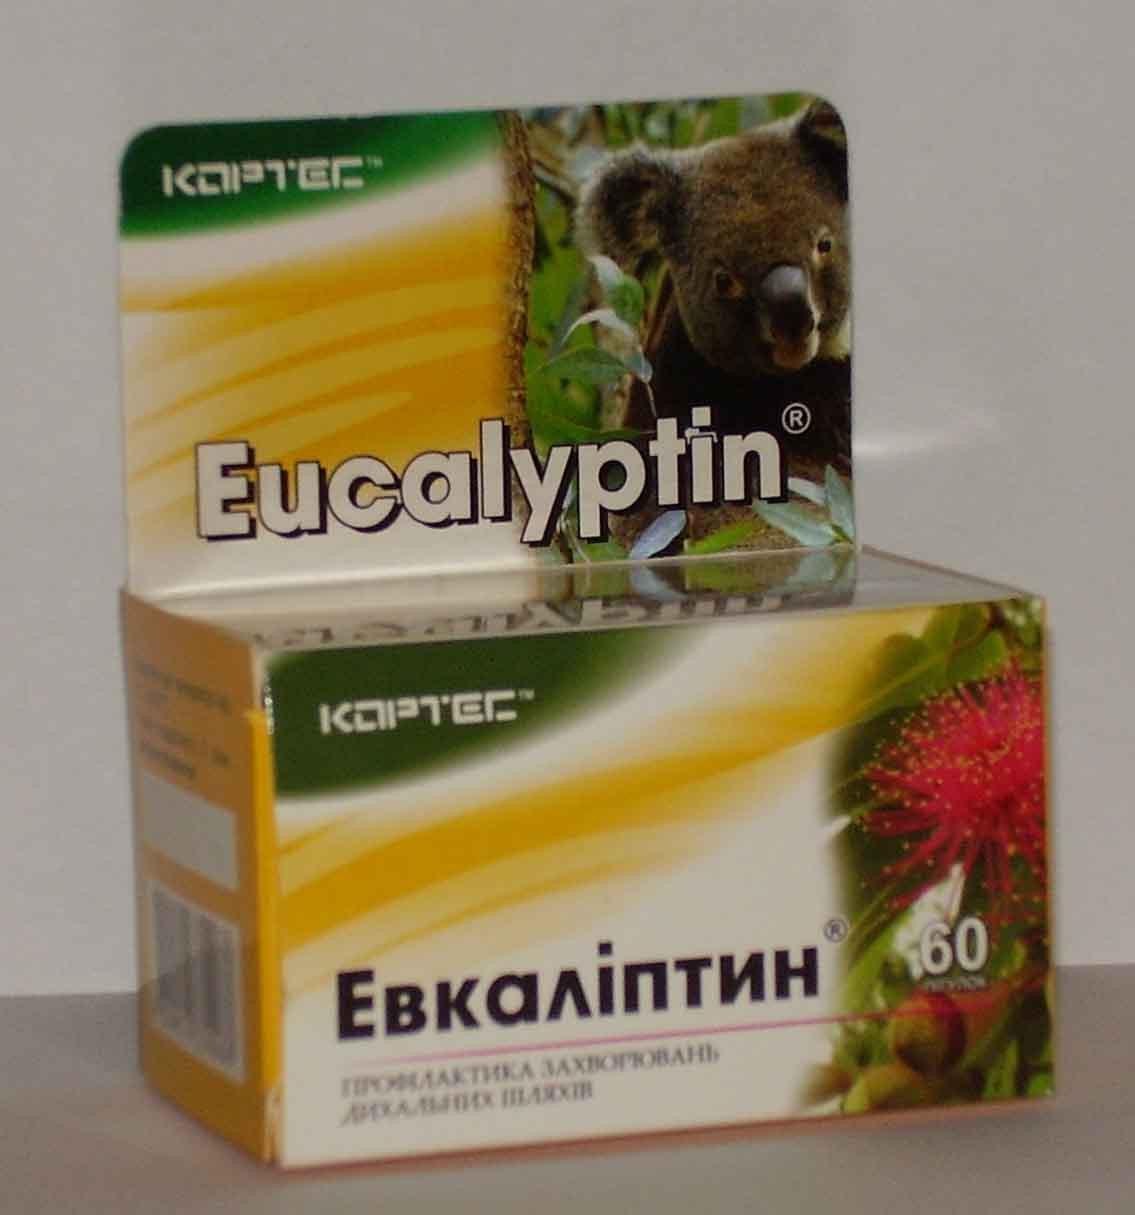 Эвкалиптин №60